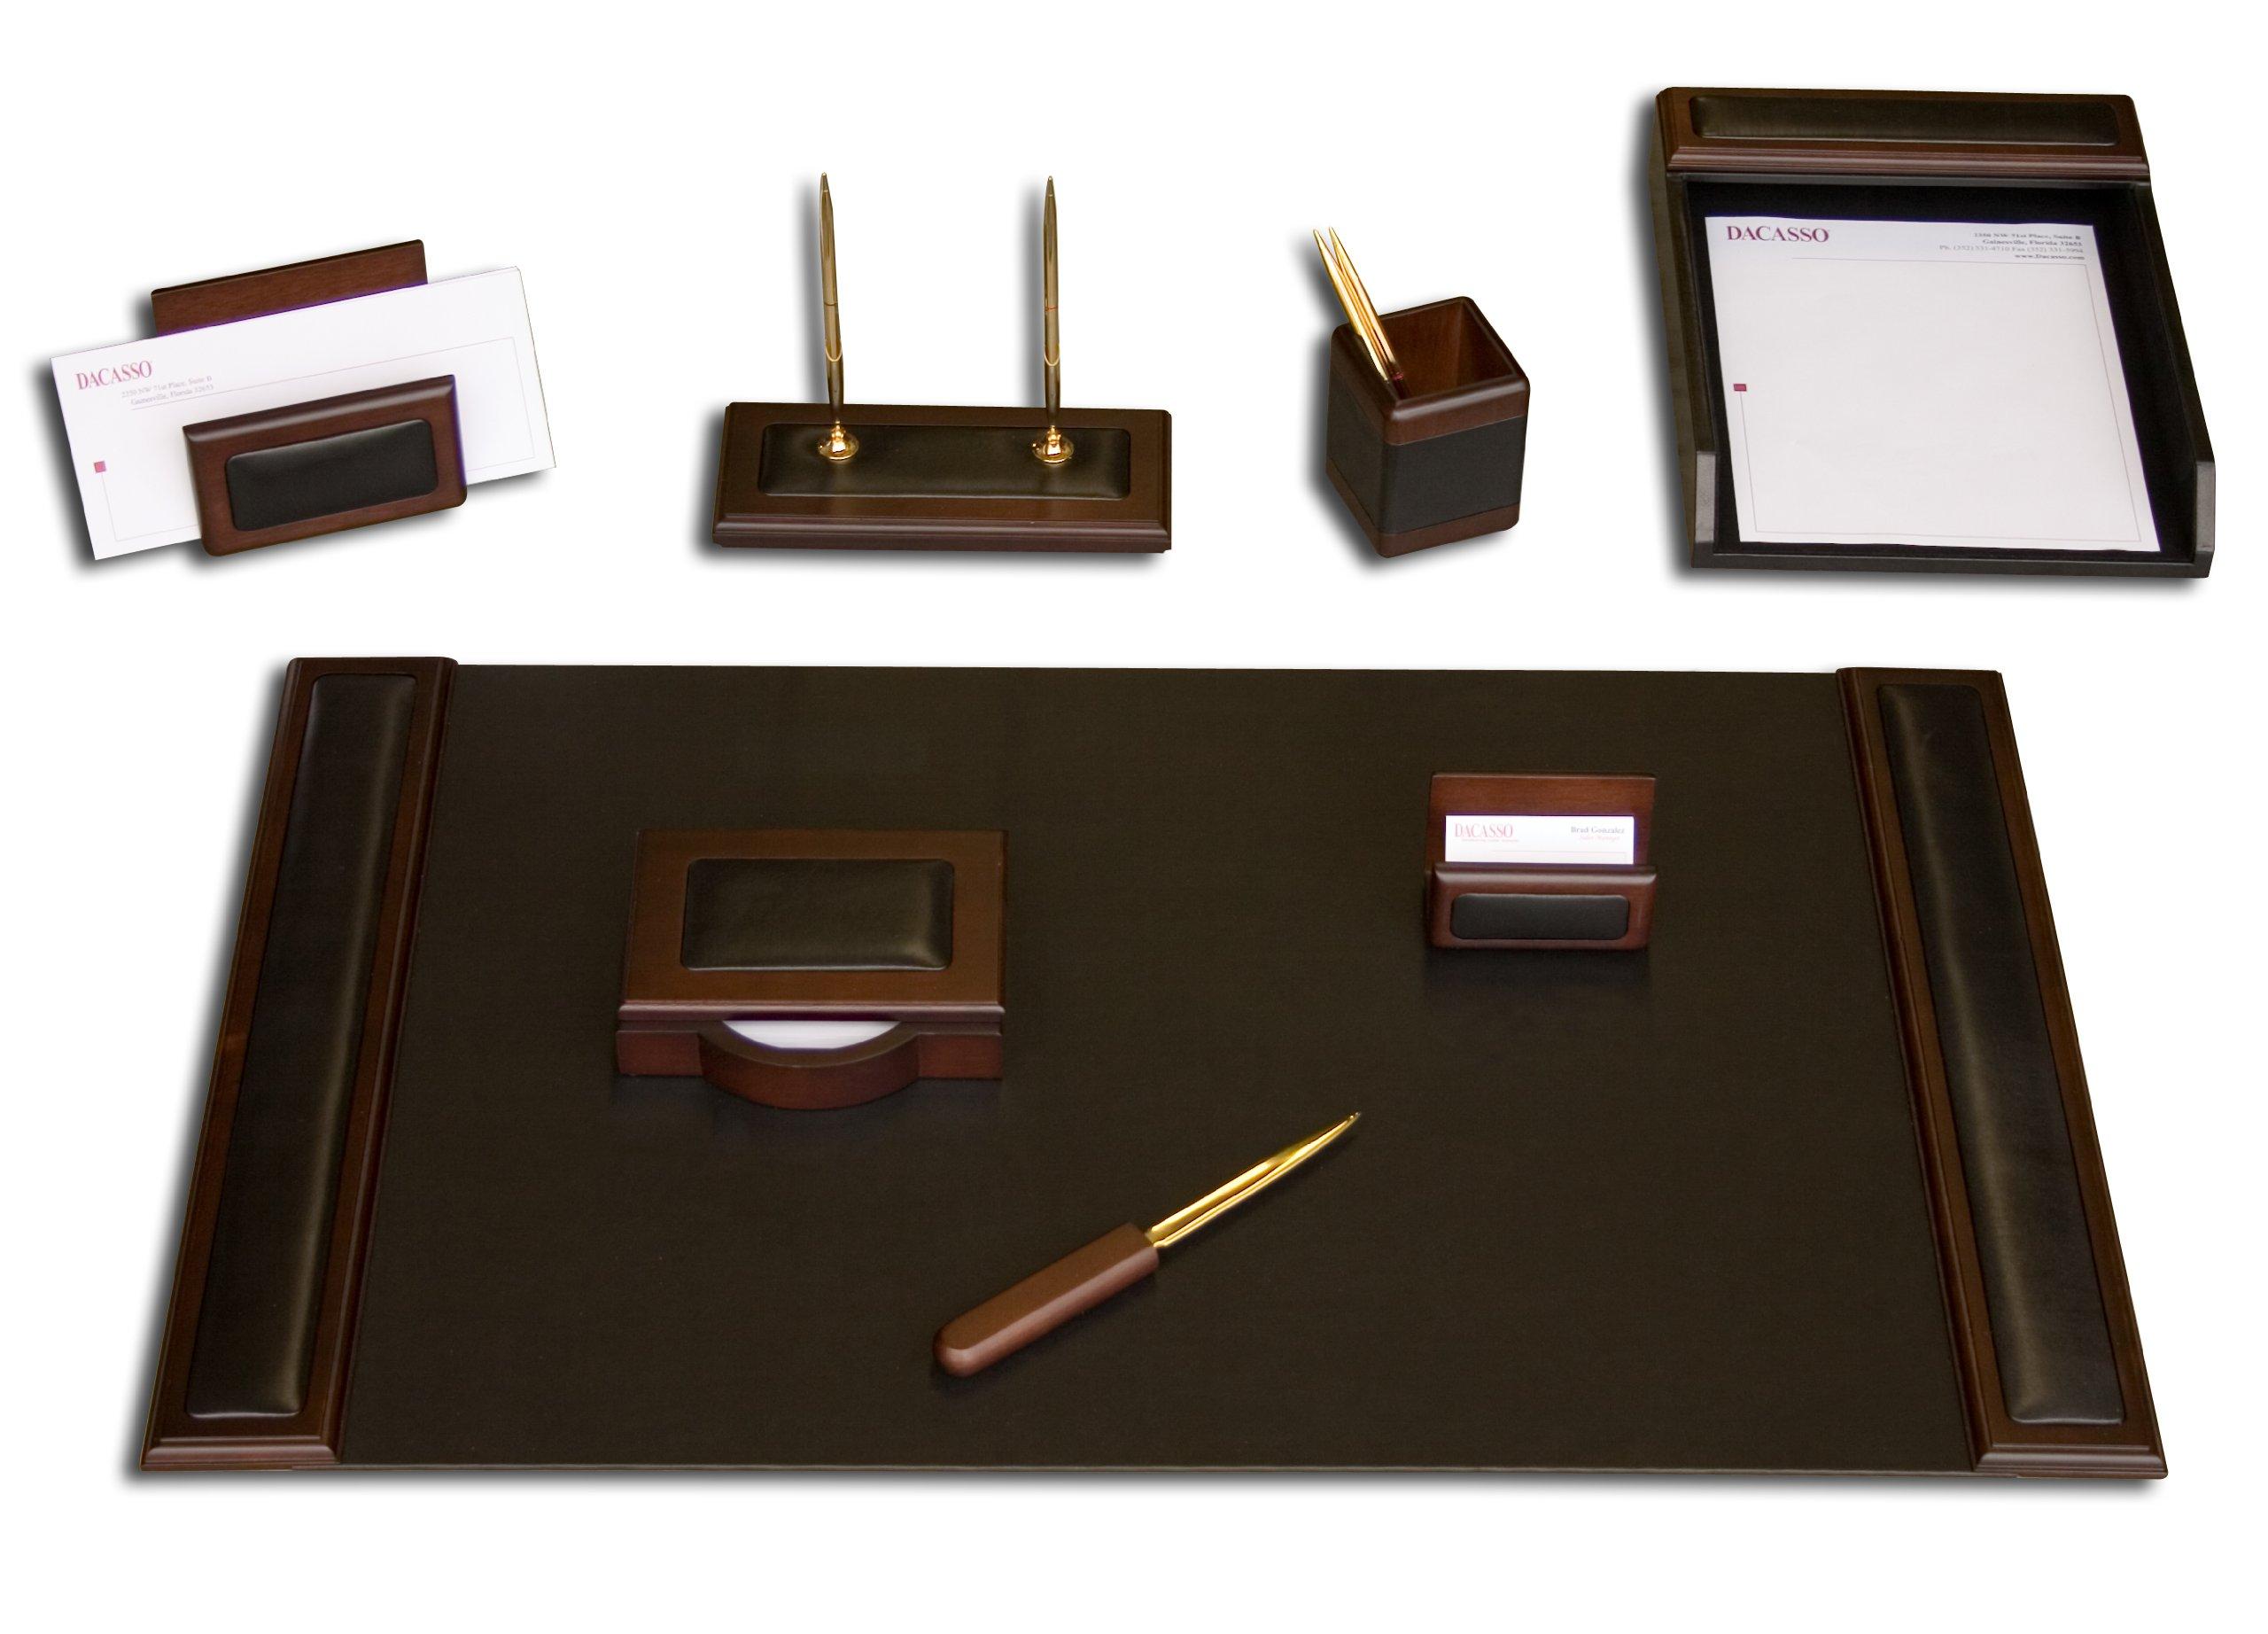 Dacasso Walnut and Leather Desk Set, 8-Piece